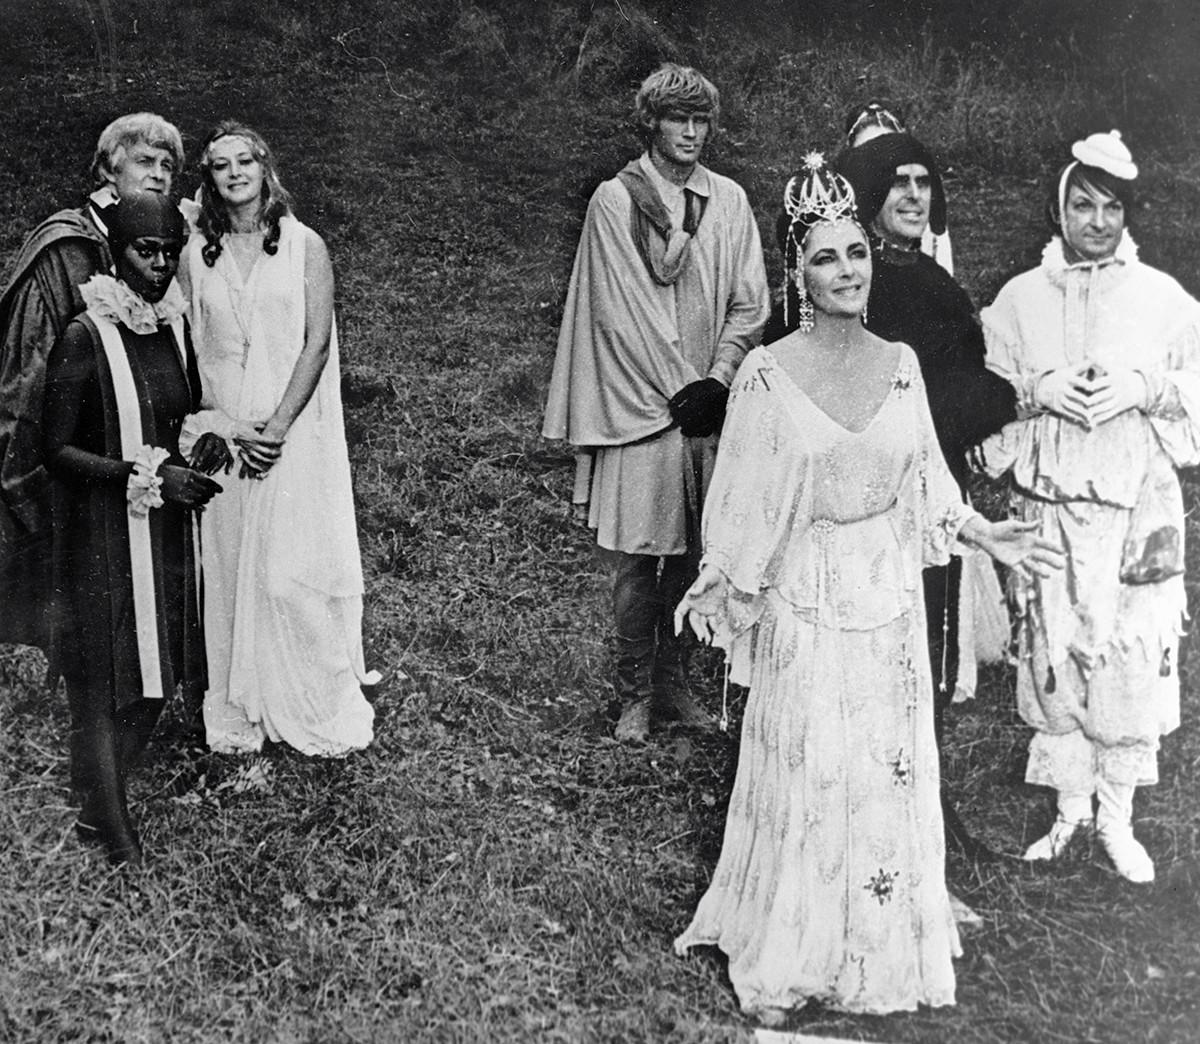 Элизабет Тейлор на первом плане во время съемок фильма